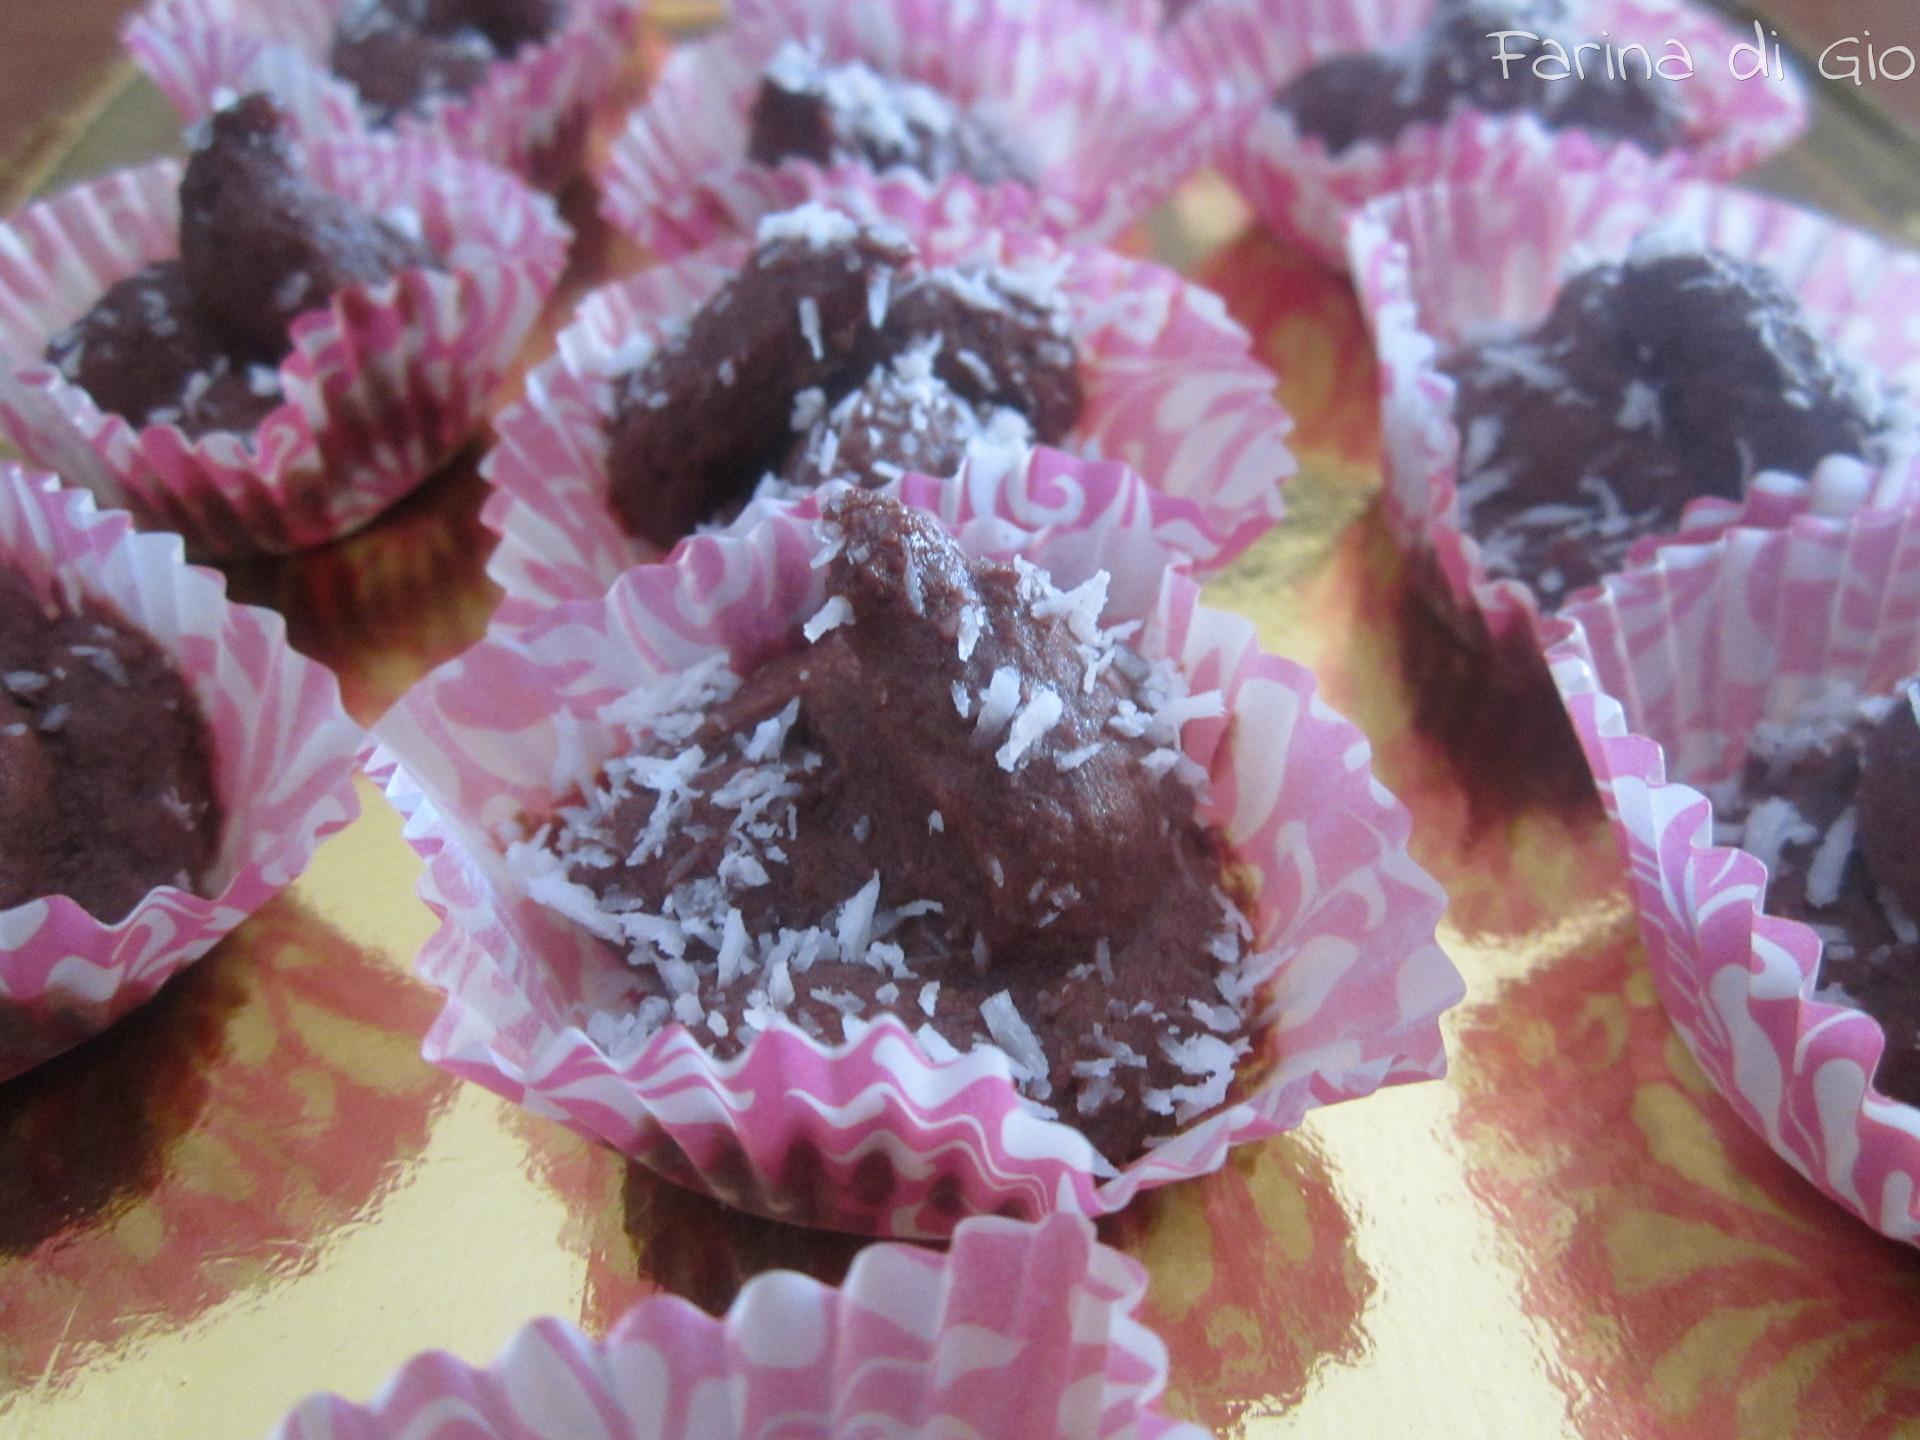 tarfufi di cioccolato